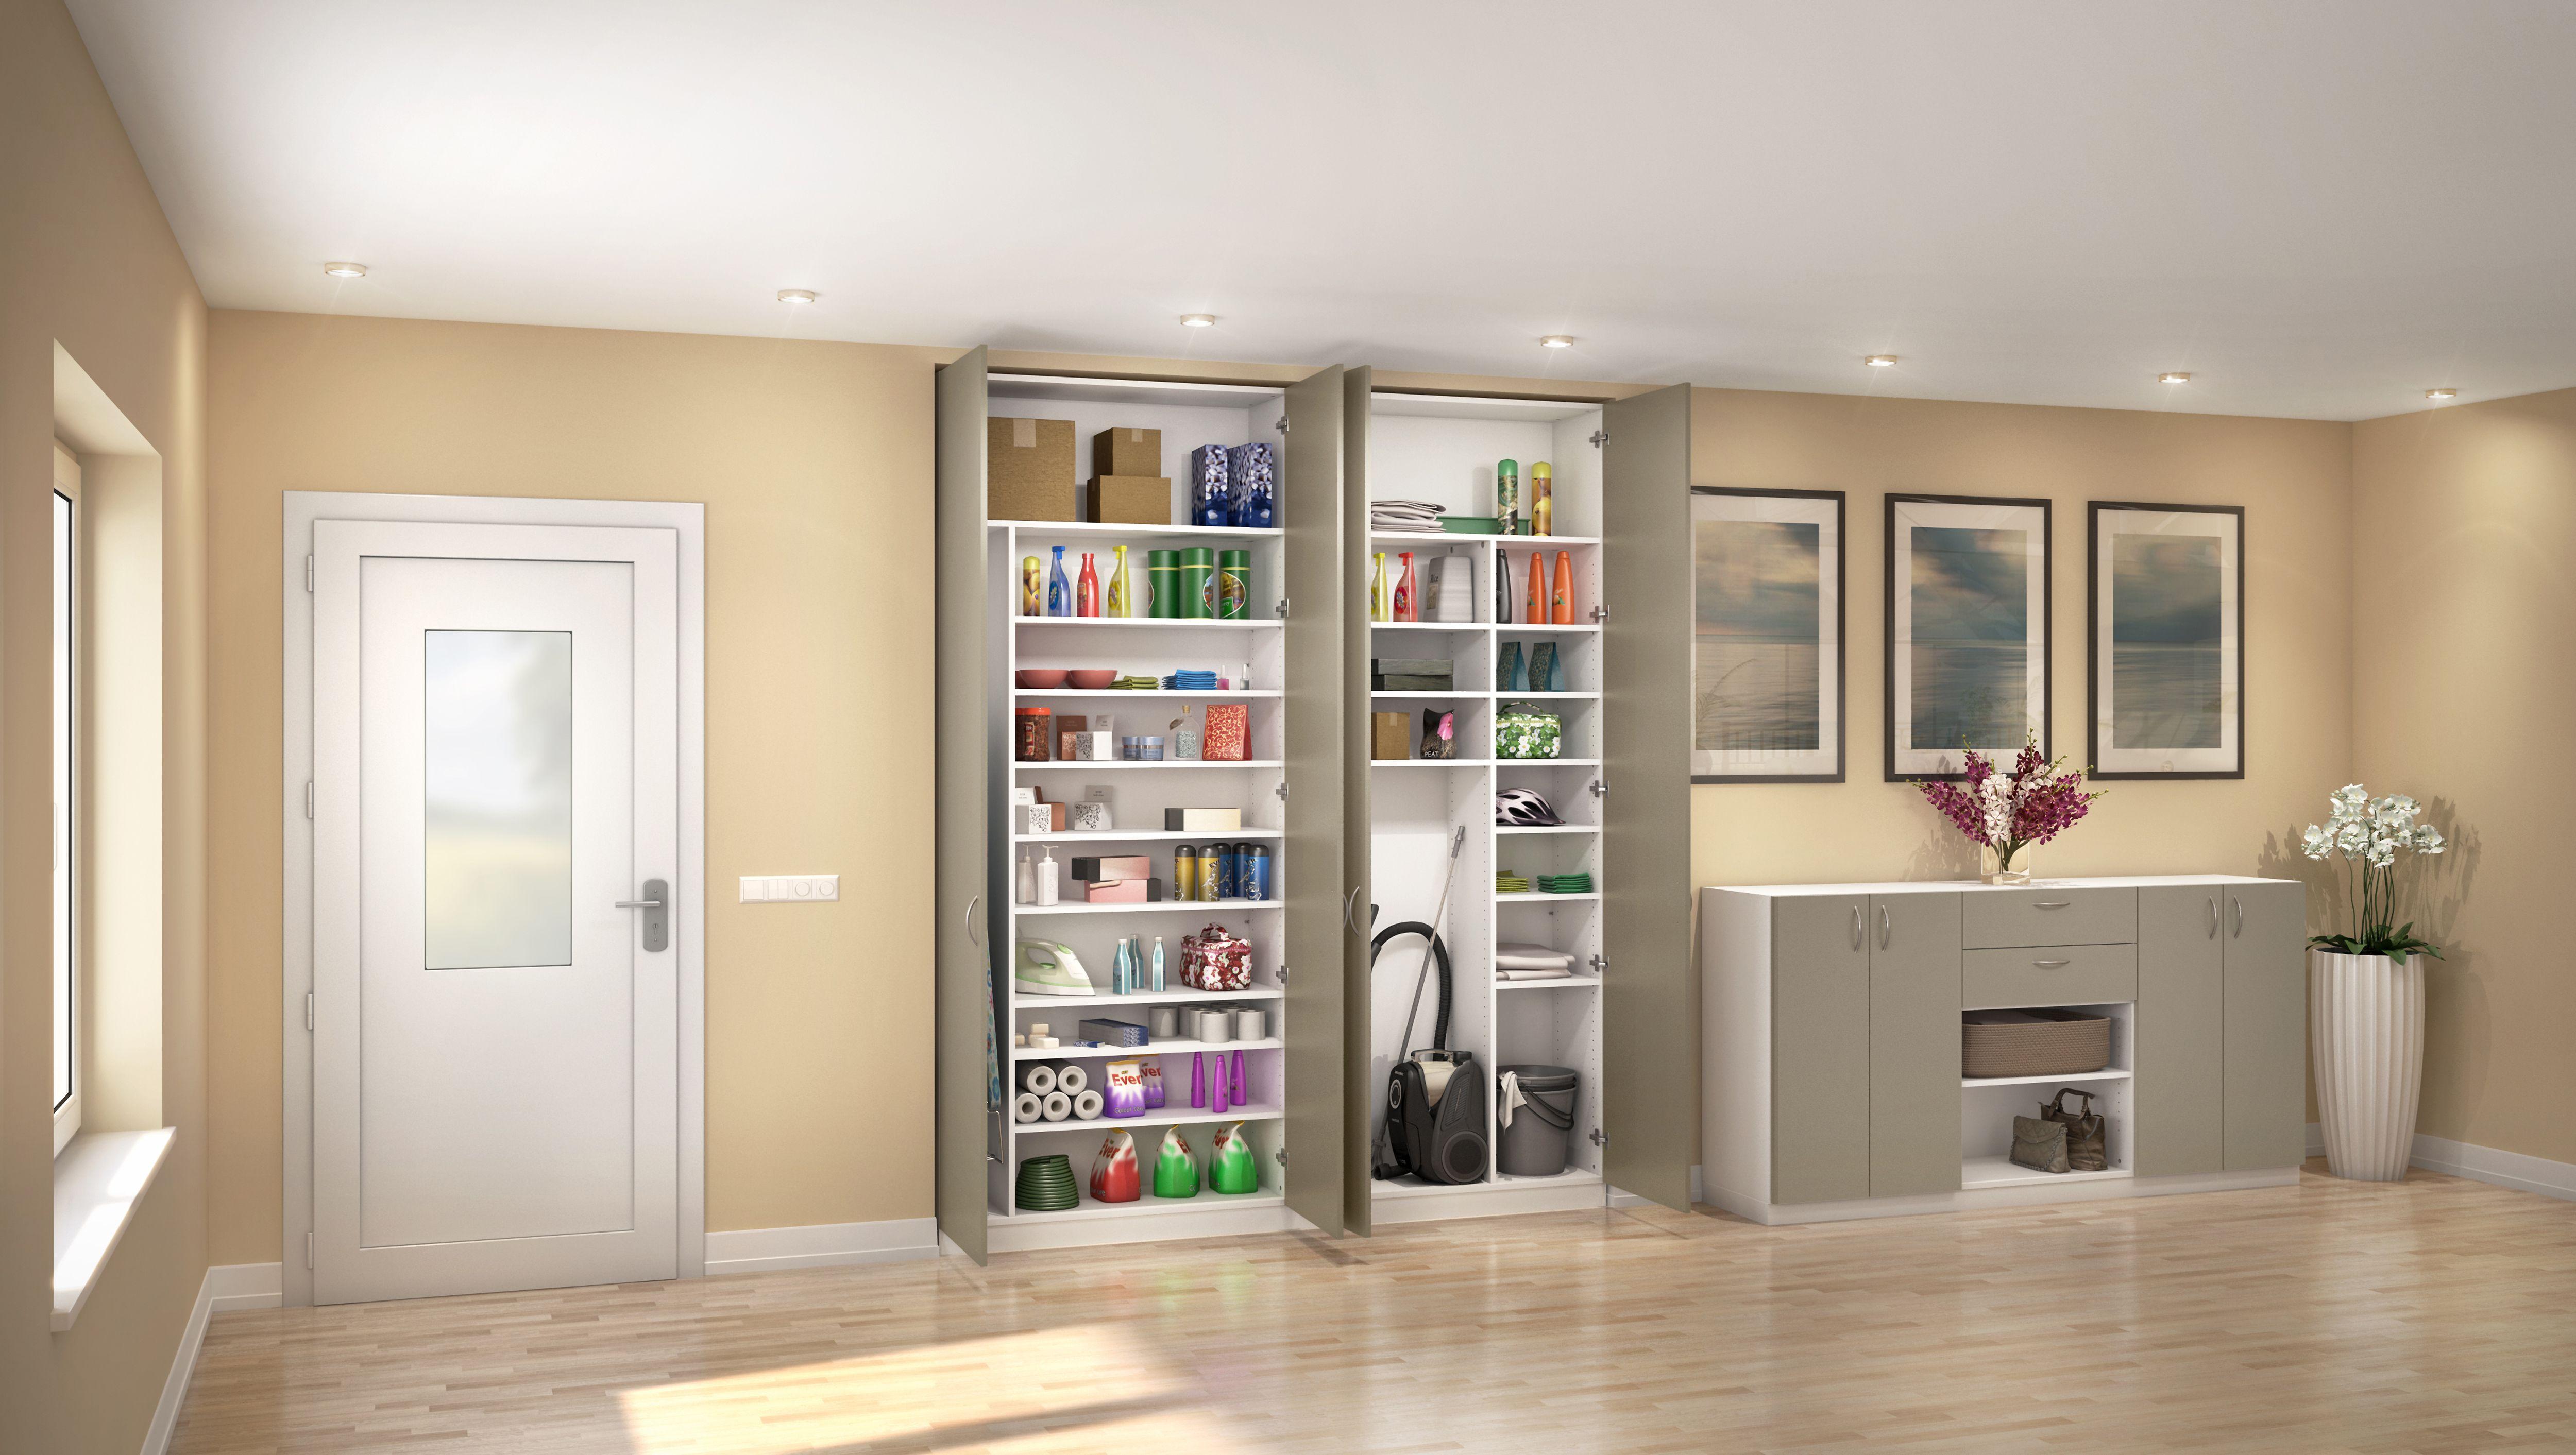 ecken und nischen lassen sich perfekt nutzen um haushaltsgegenst nde zu verstauen dieser. Black Bedroom Furniture Sets. Home Design Ideas